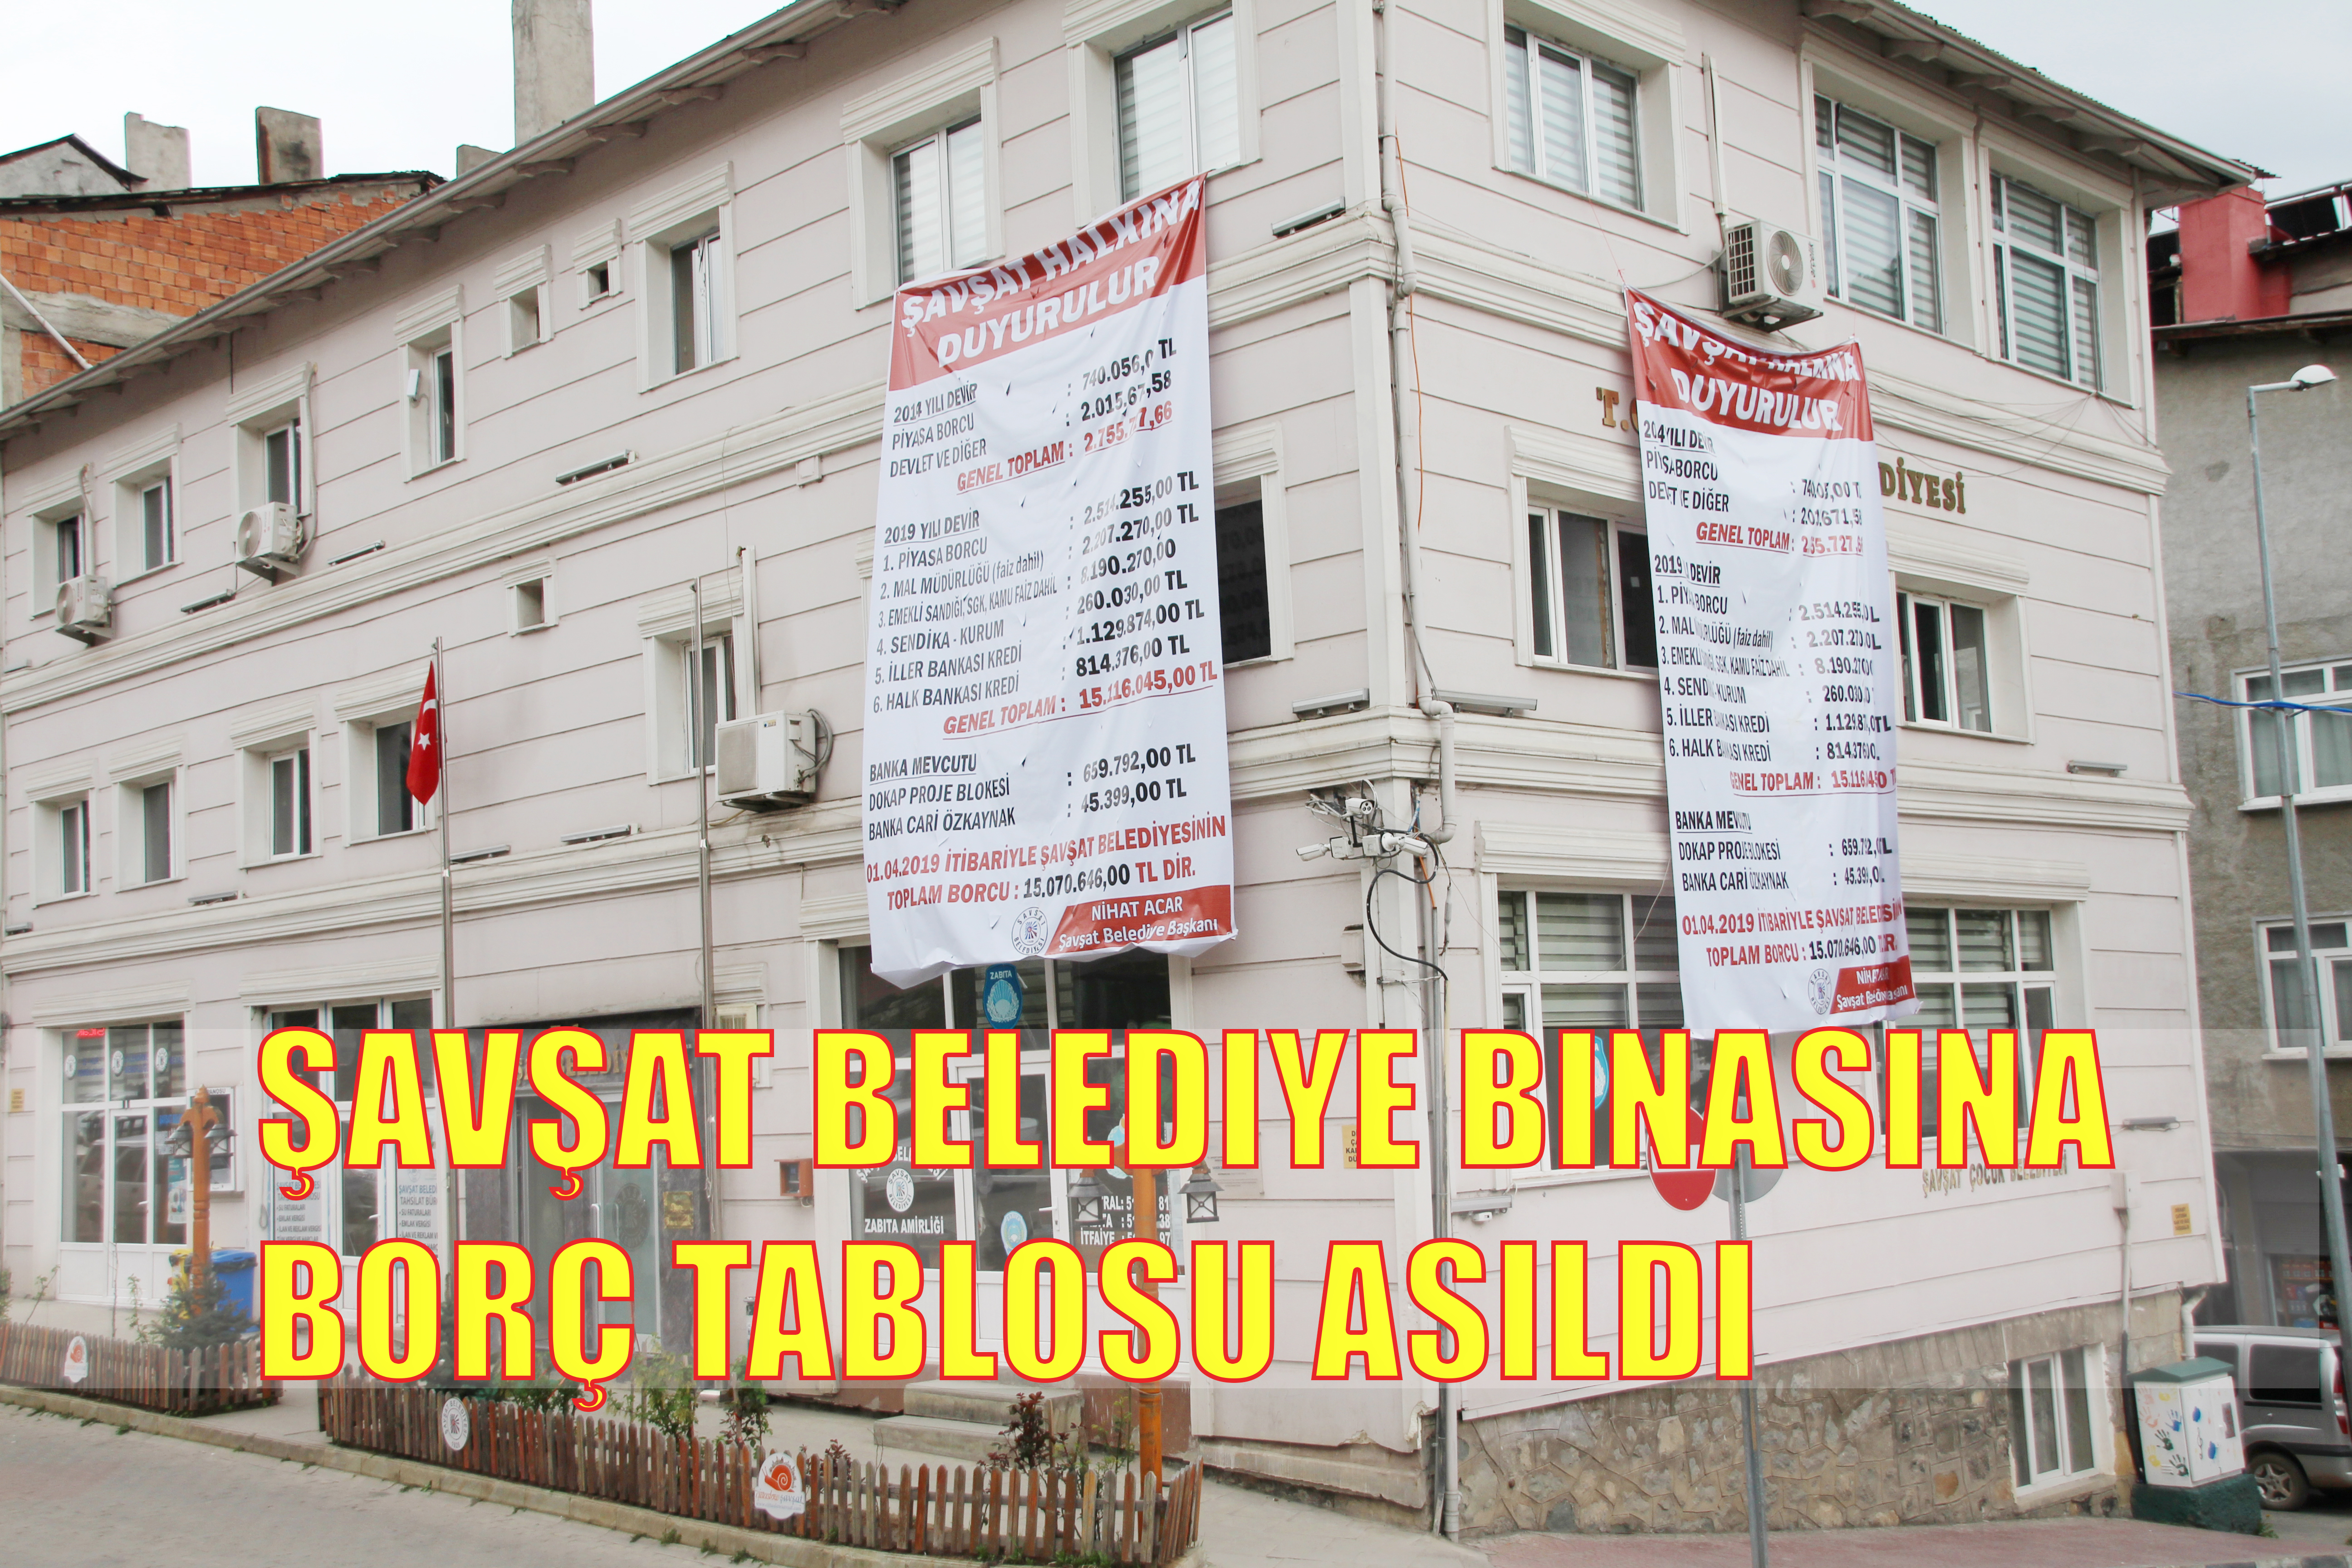 Şavşat Belediye Binasına Borç Tablosu Asıldı